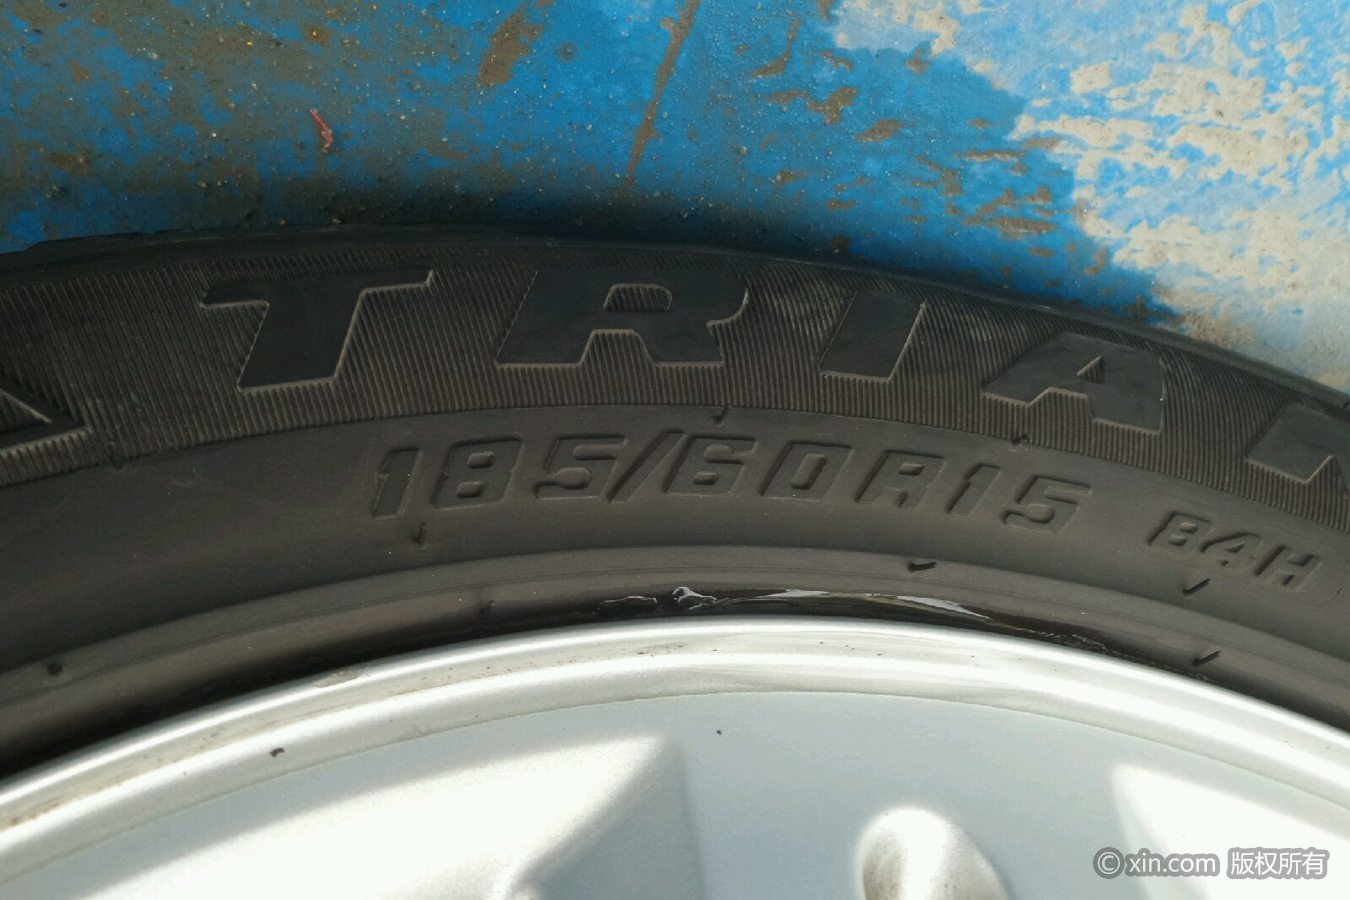 铃木轮胎左前尺寸雨燕北京工业园徐州金雕图片